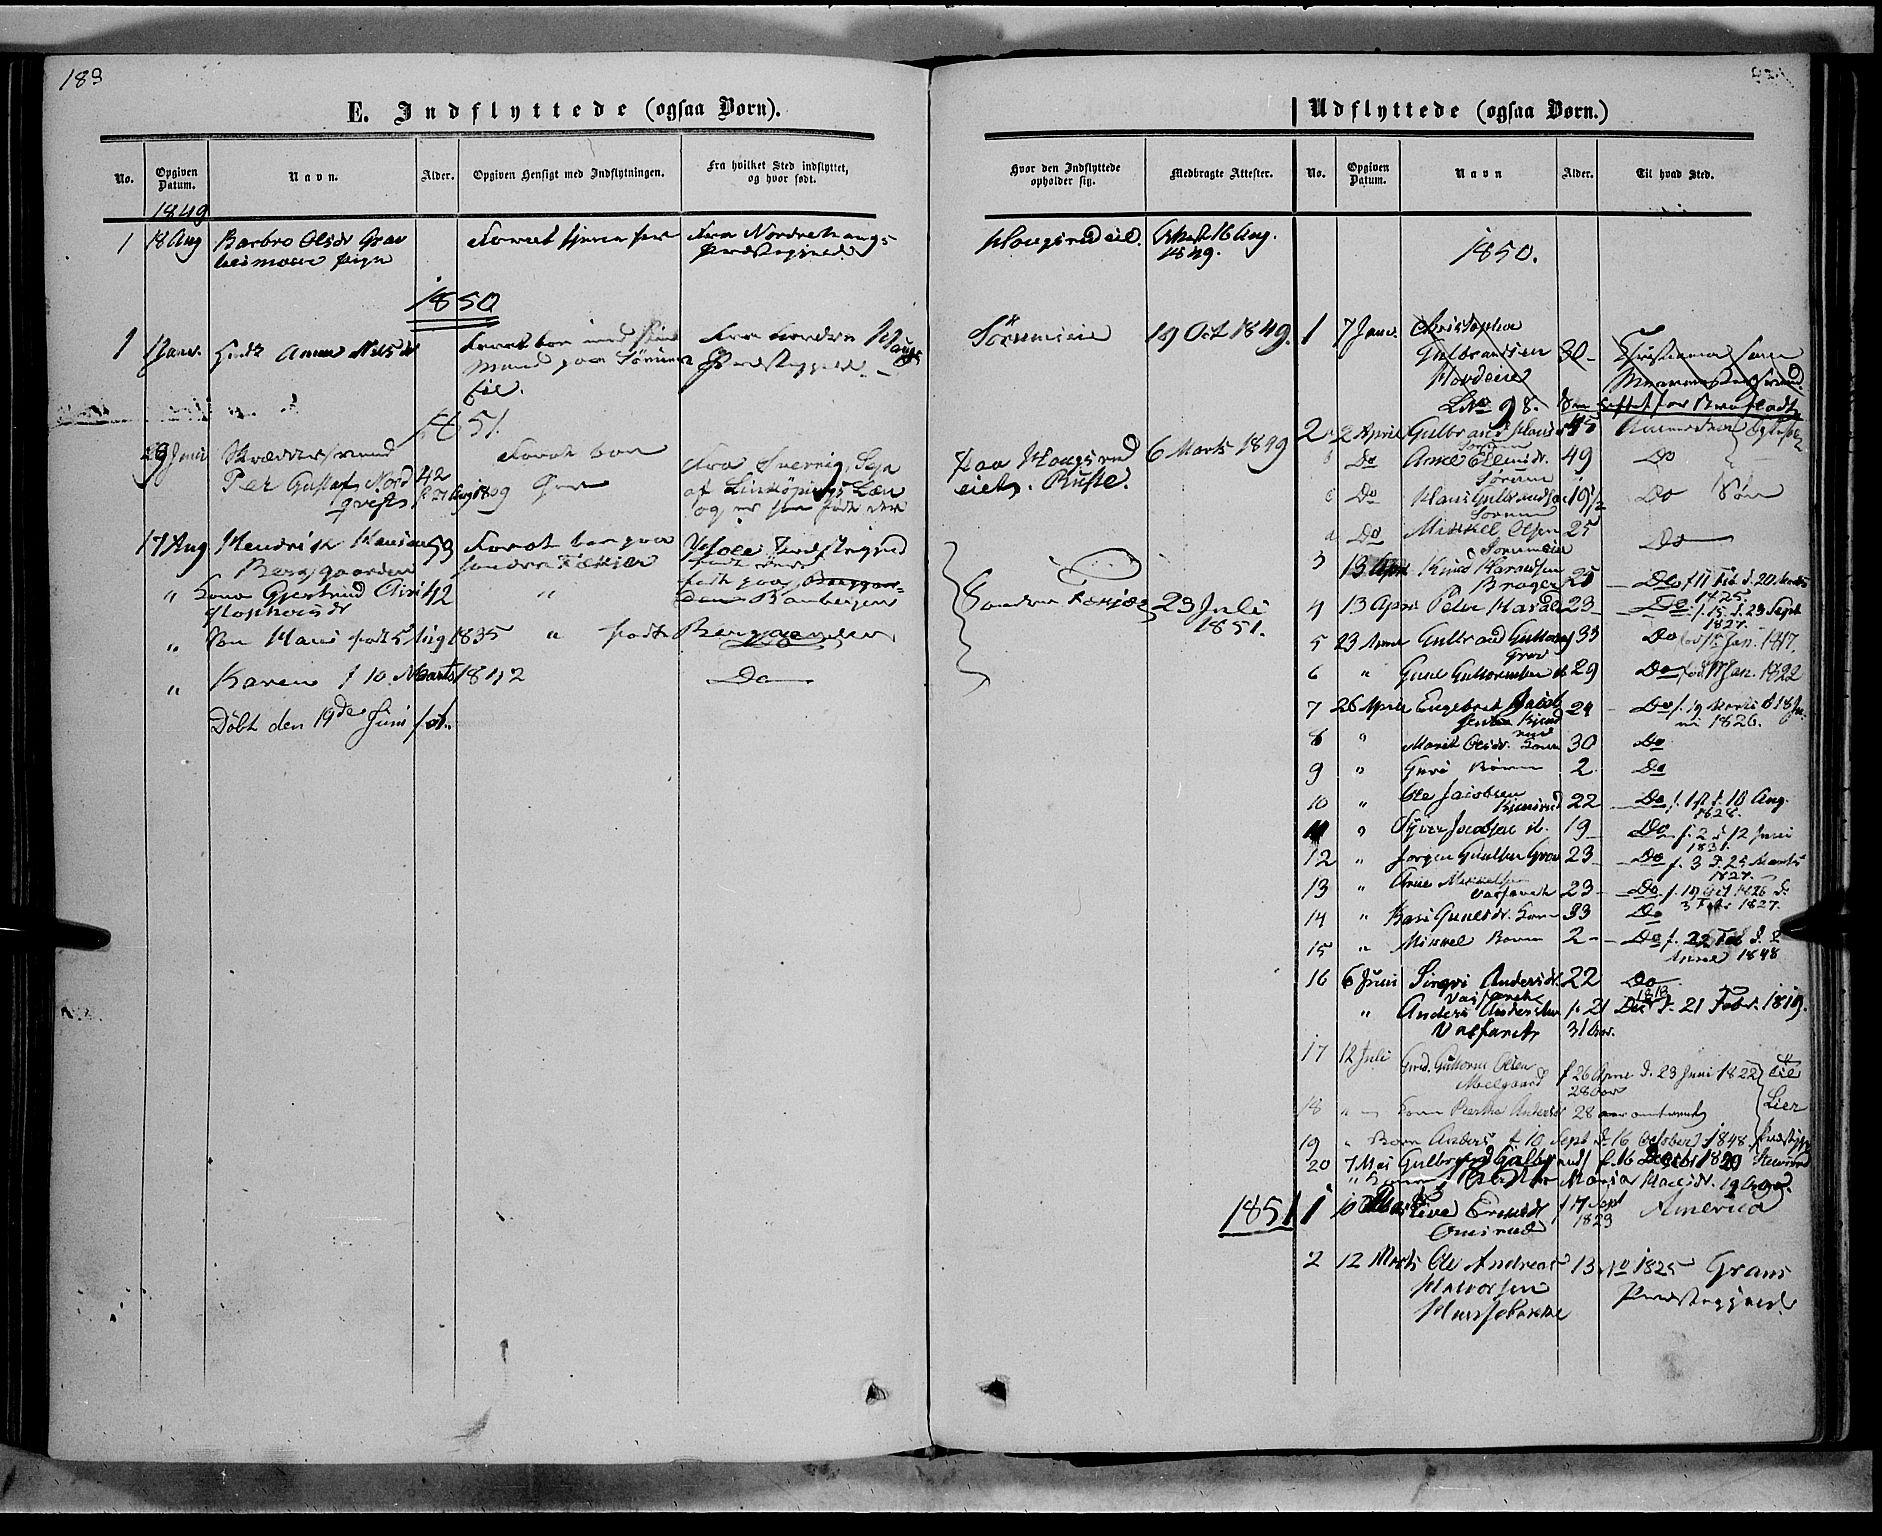 SAH, Sør-Aurdal prestekontor, Ministerialbok nr. 7, 1849-1876, s. 183